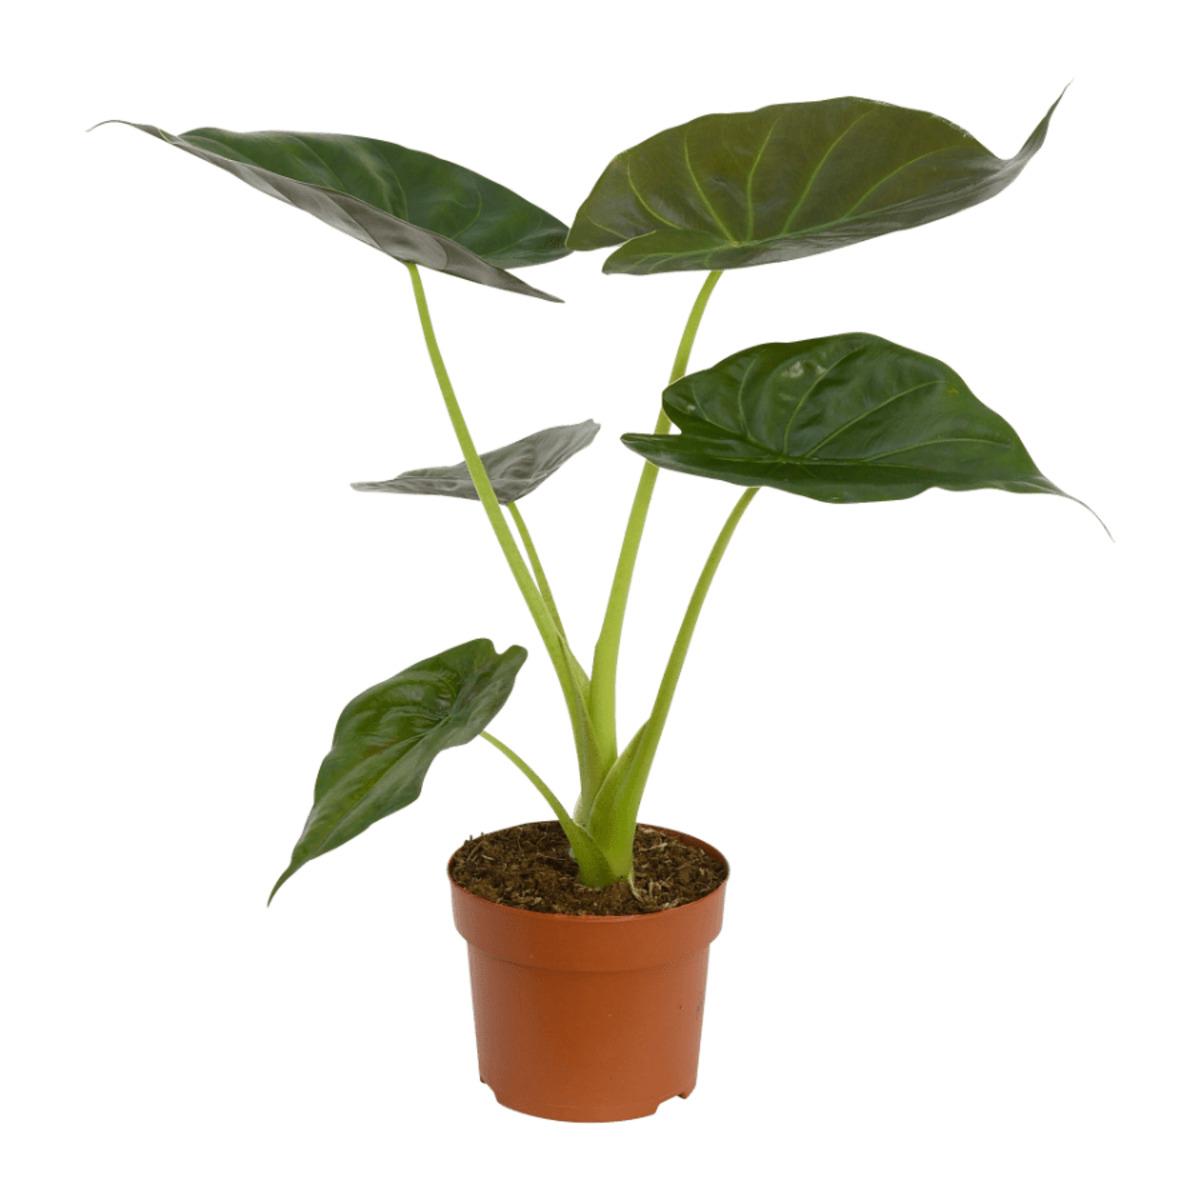 Bild 4 von GARDENLINE   Premium-Grünpflanze